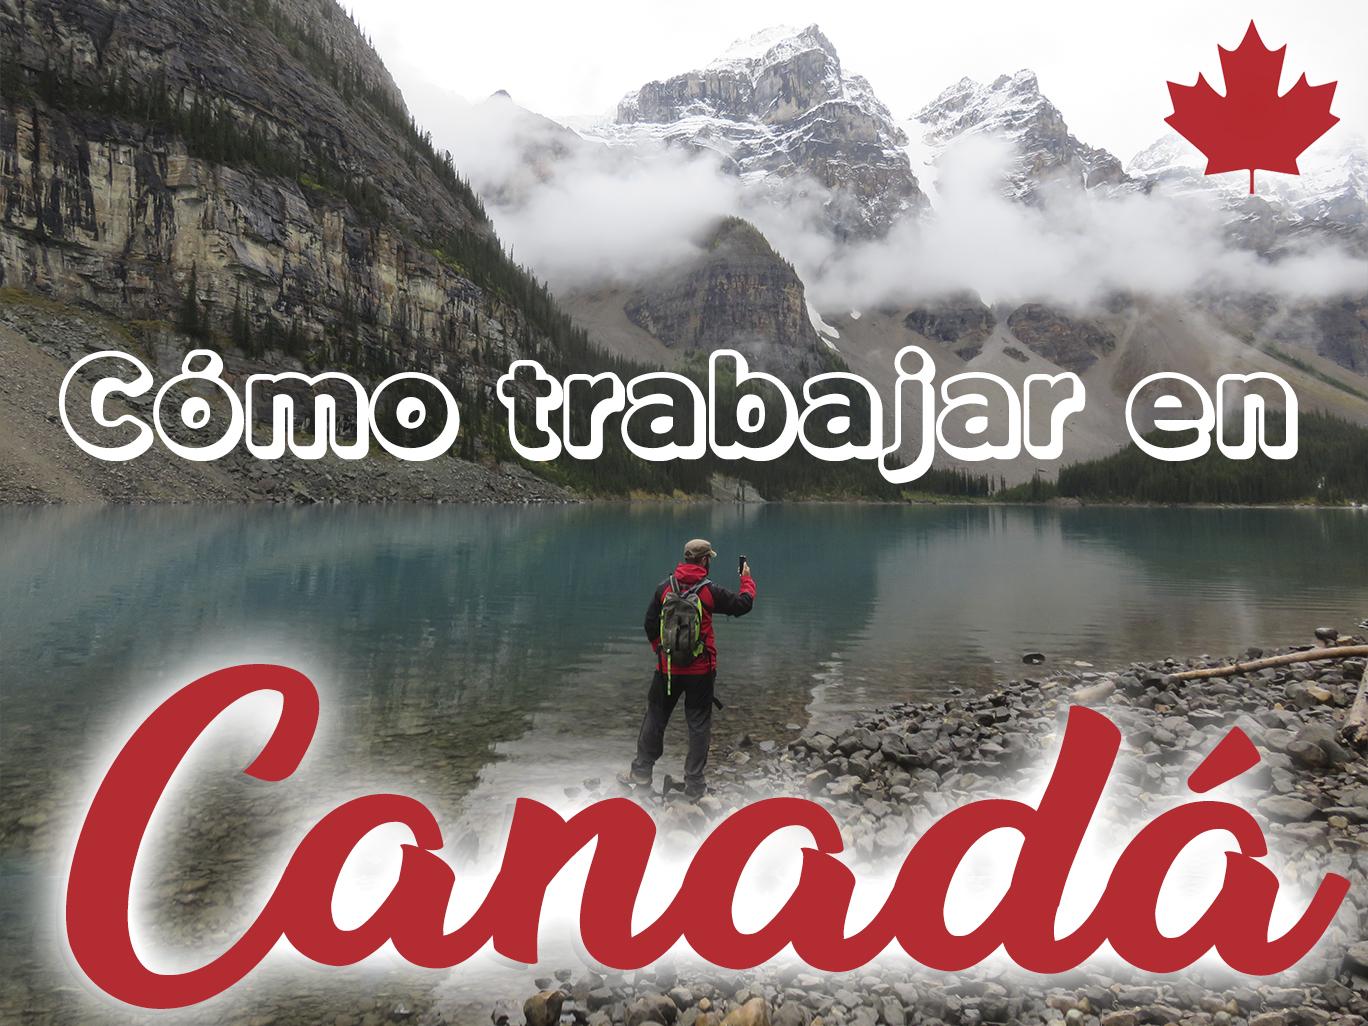 Cómo conseguir la Working Holiday Visa para trabajar en Canadá